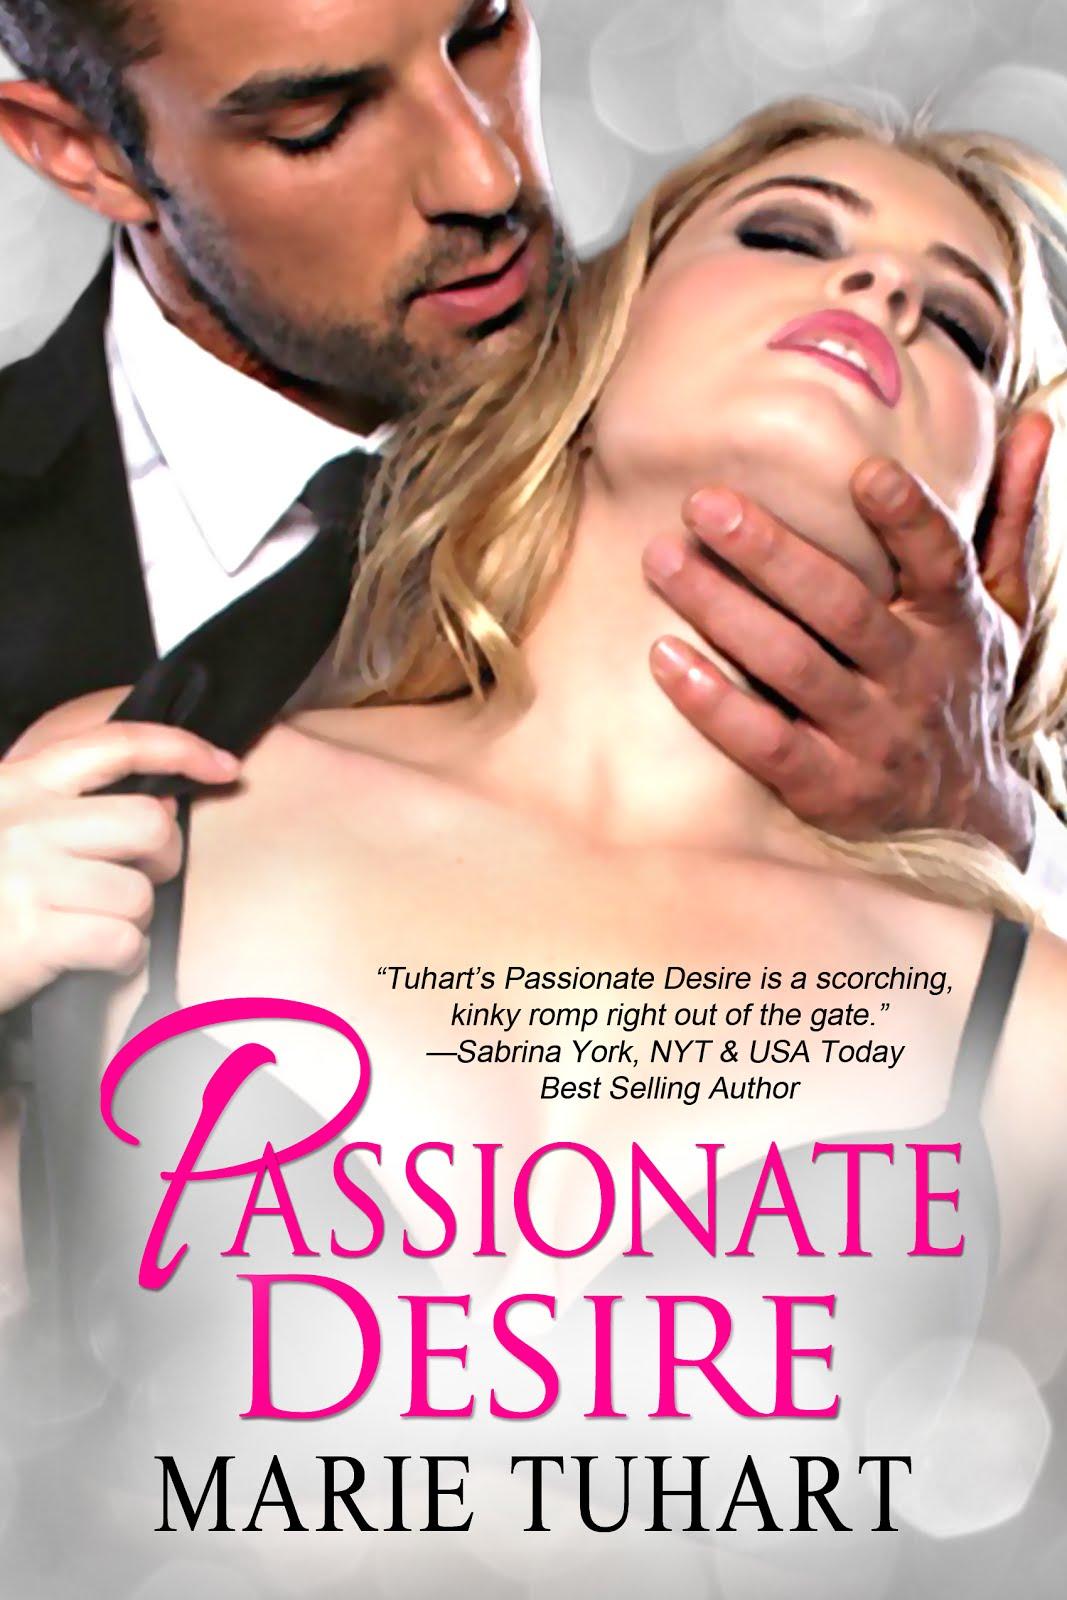 New Release: Passionate Desire